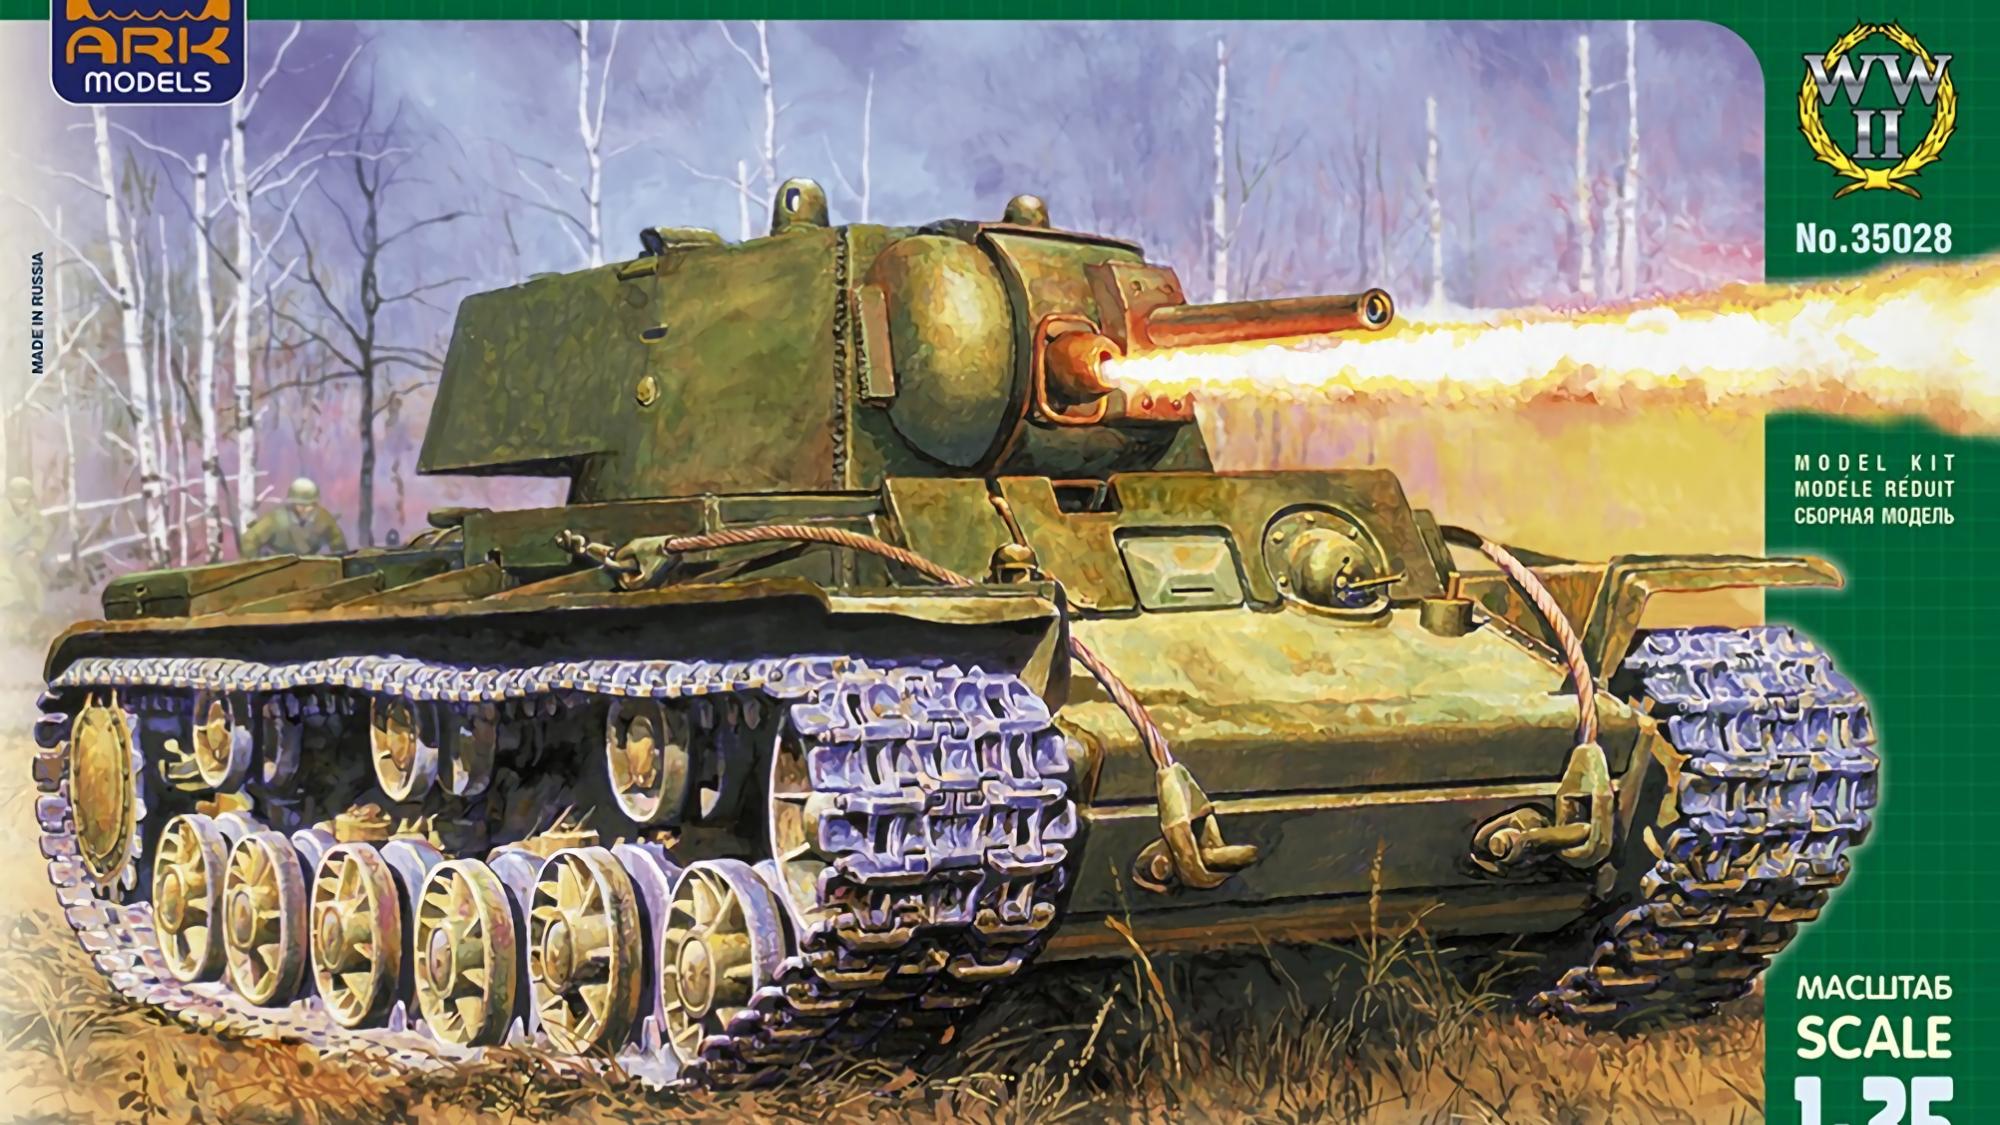 斯大林神选坦克KV8!从莫斯科一路烧到柏林